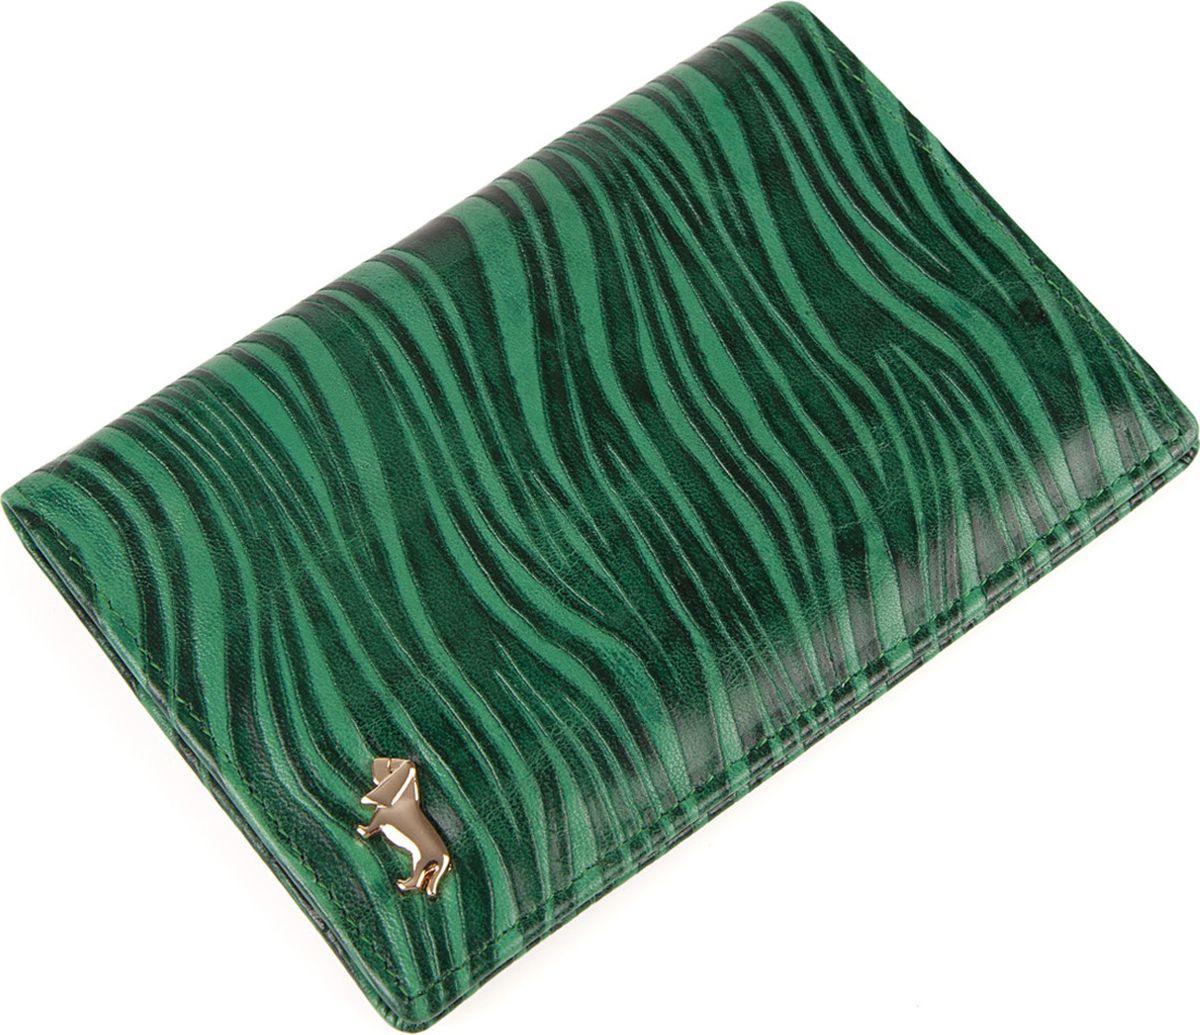 Обложка для документов женская Labbra, L052-0011 green/grey, зеленый, серый шапка женская labbra цвет темно розовый серый lb rr33005 dirty pink grey размер универсальный